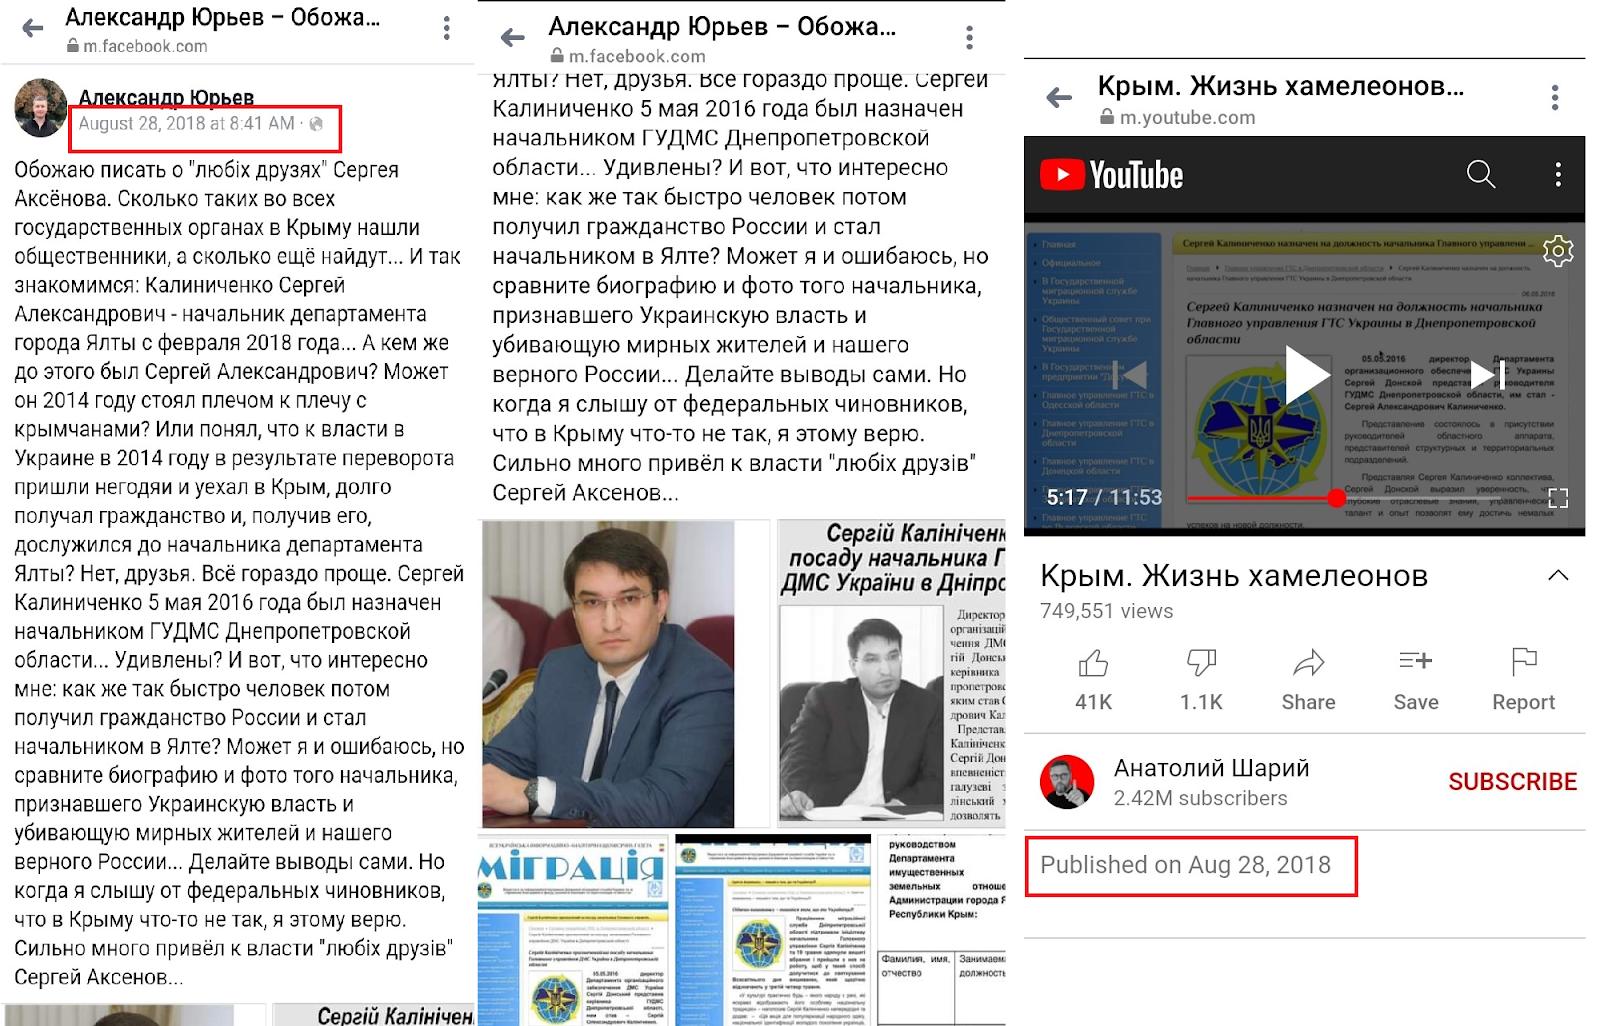 Анатолій Шарій зняв відеоролик за матеріалами, які йому передали ФСБ РФ за посередництвом Олександра Юрьєва